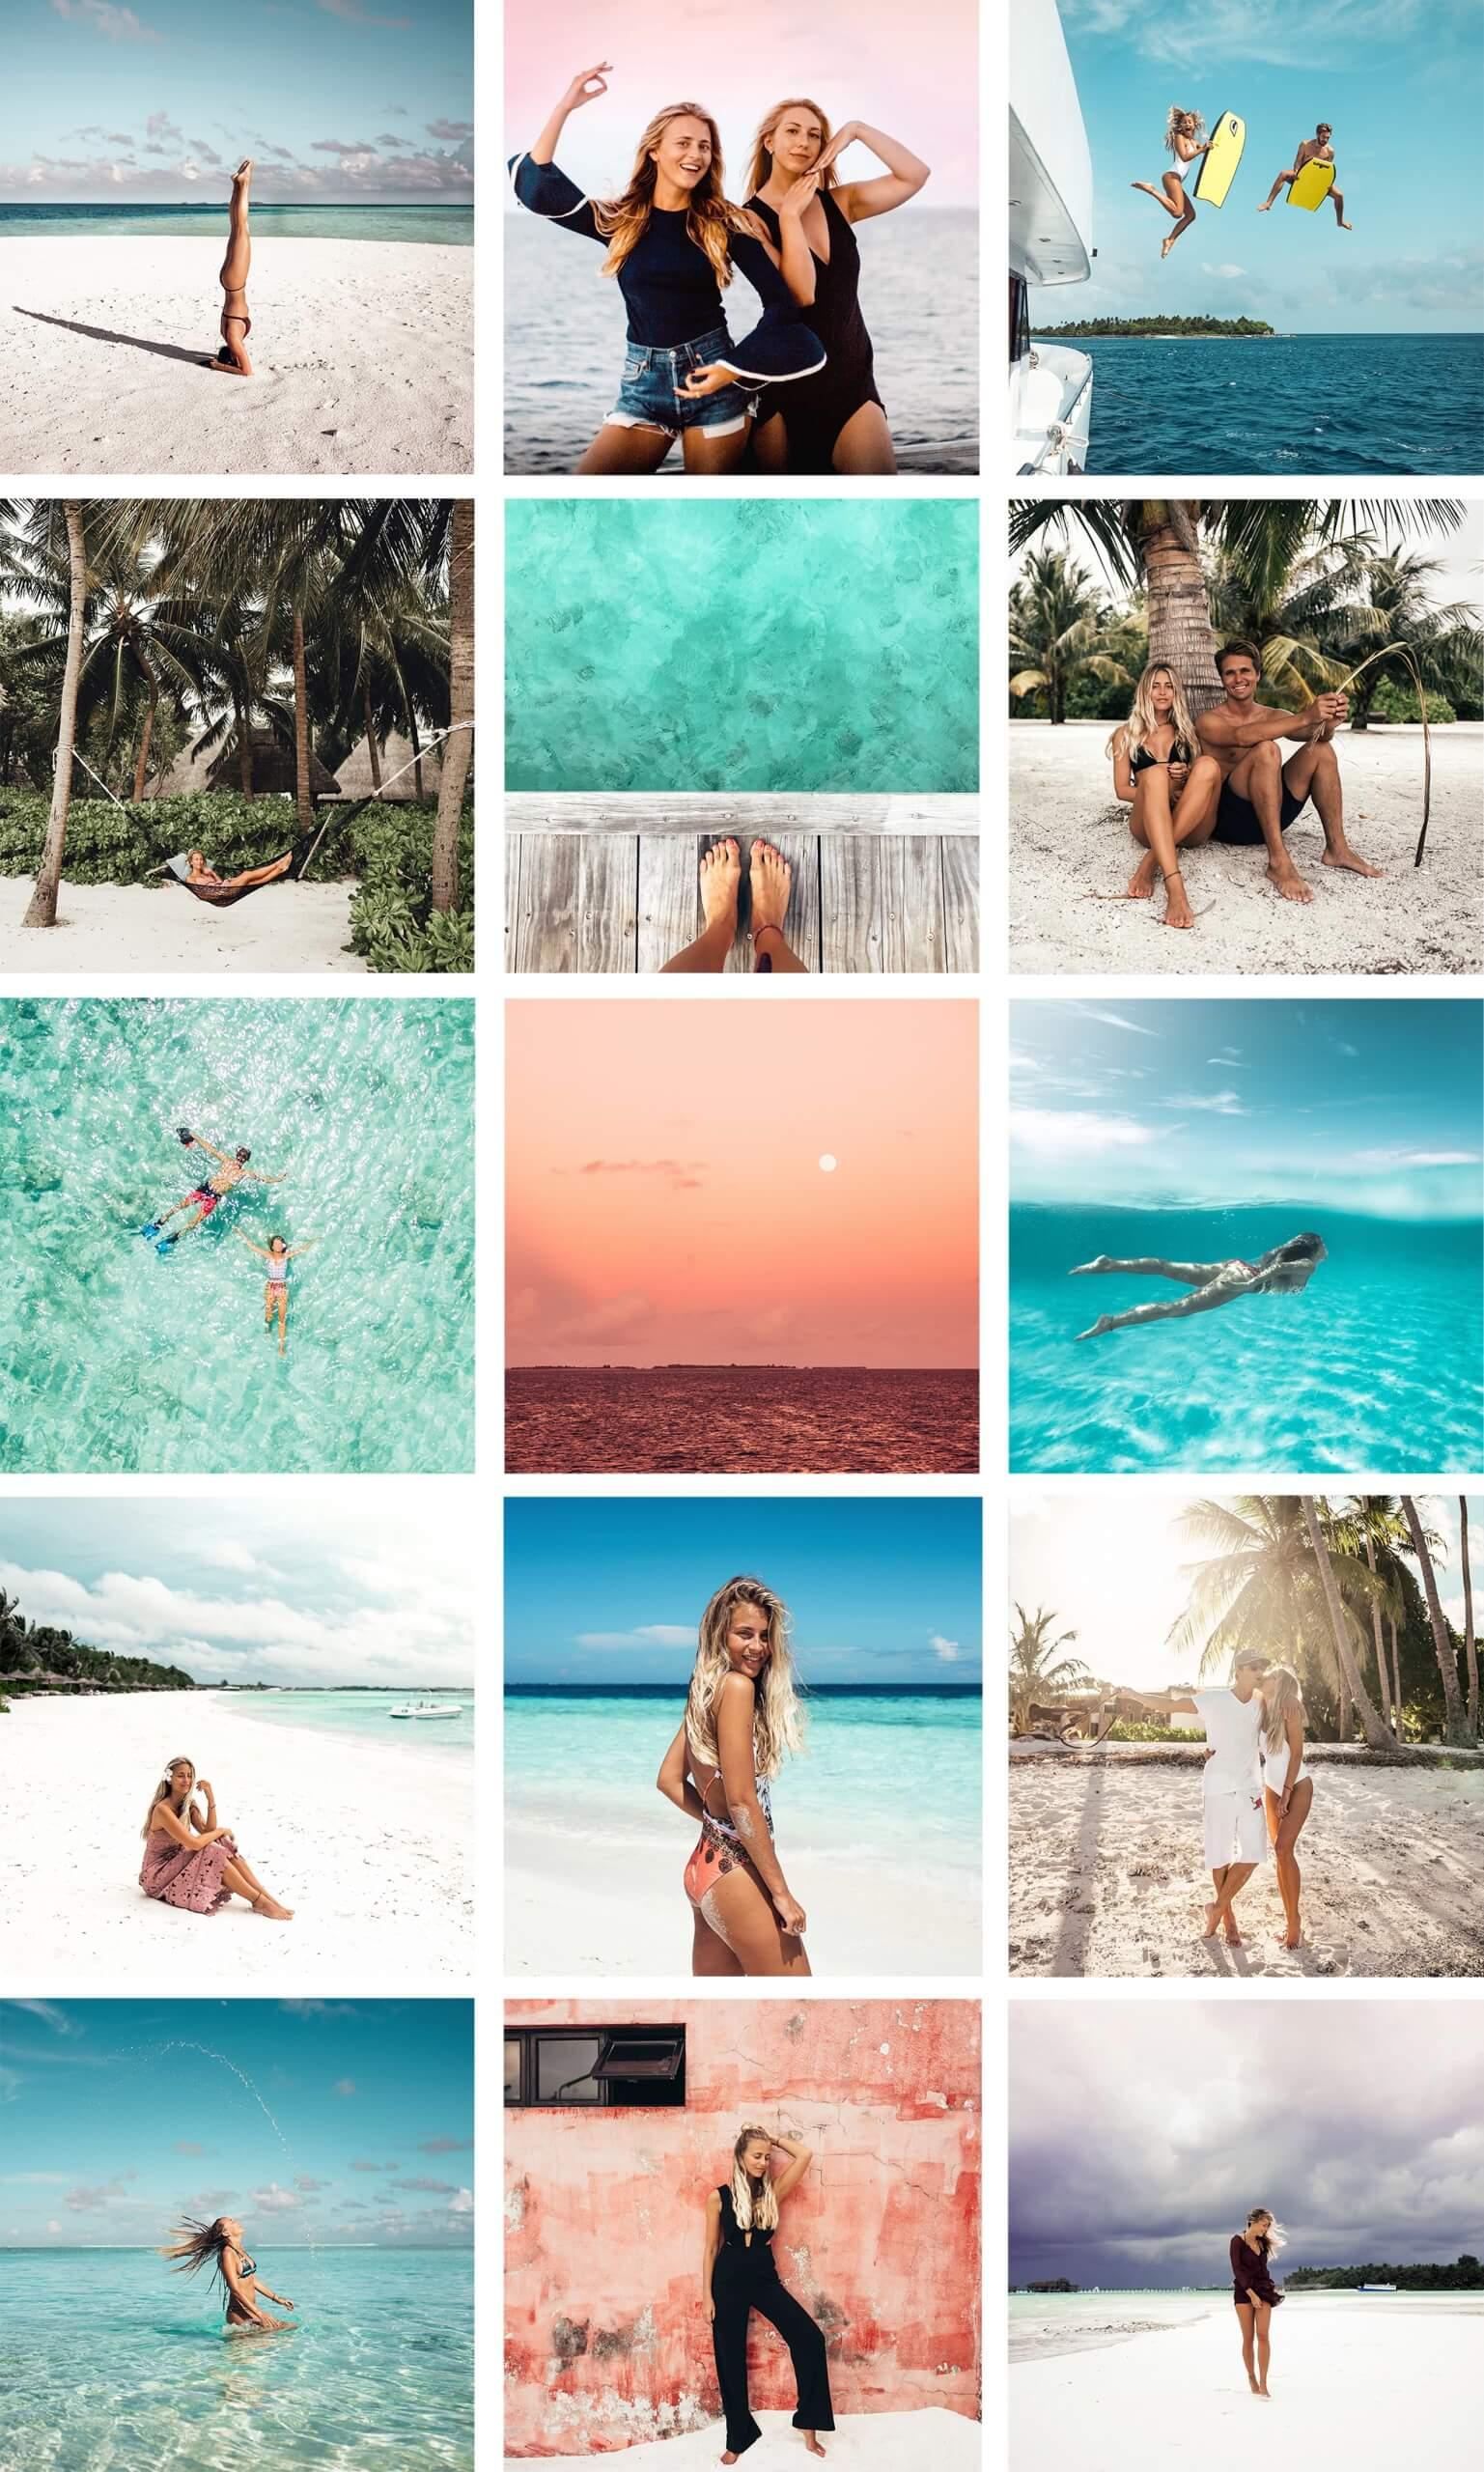 janni-deler-maldives-ig